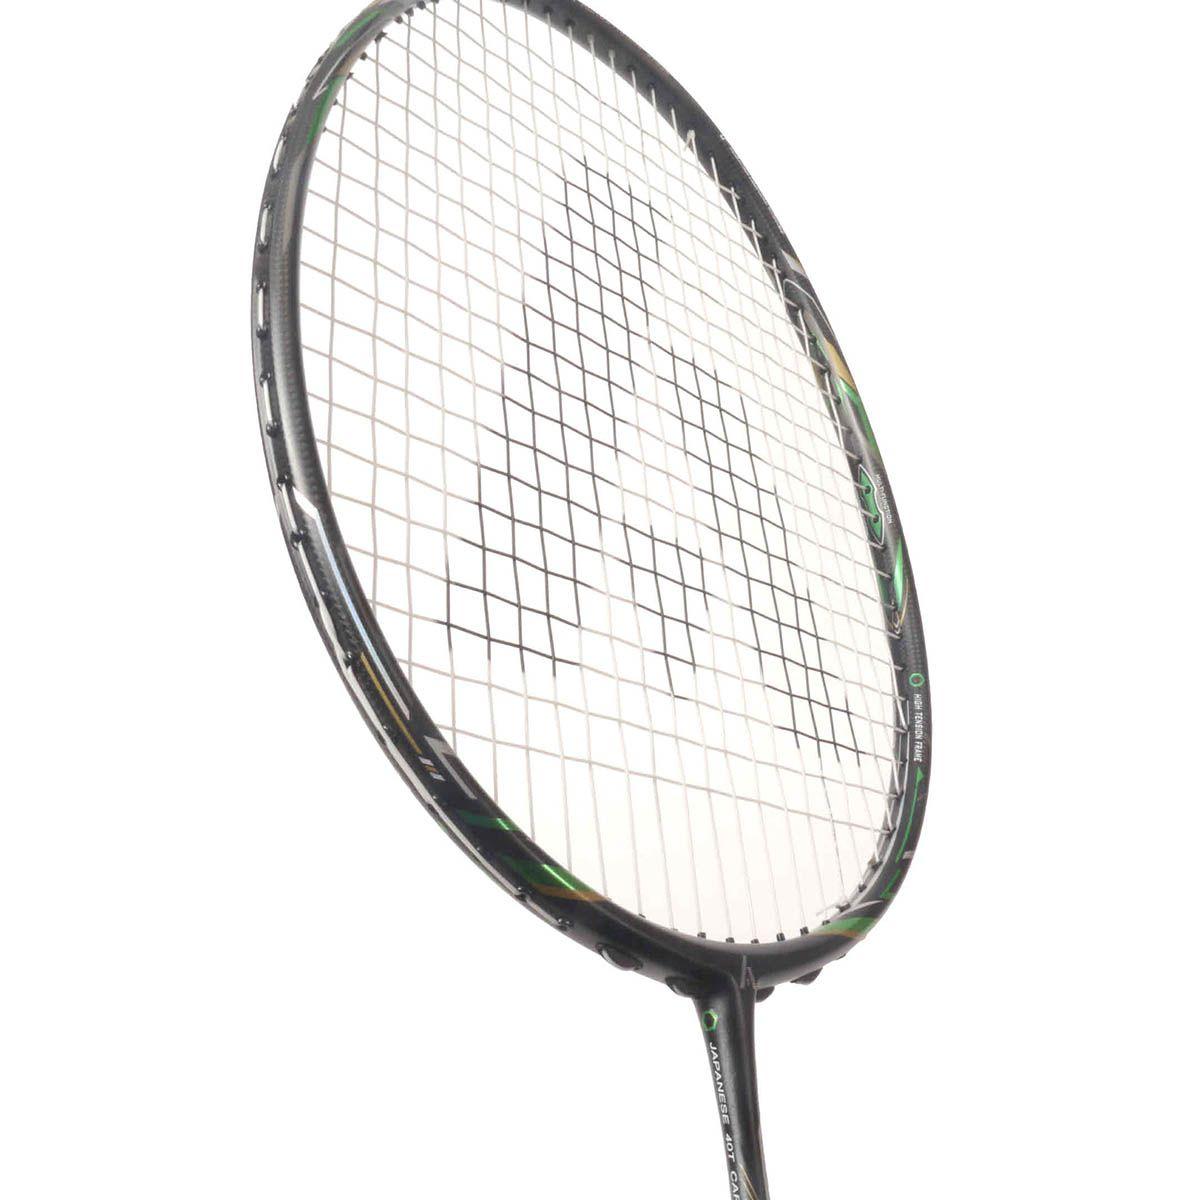 Ashaway Phantom X-Shadow Badminton Racket